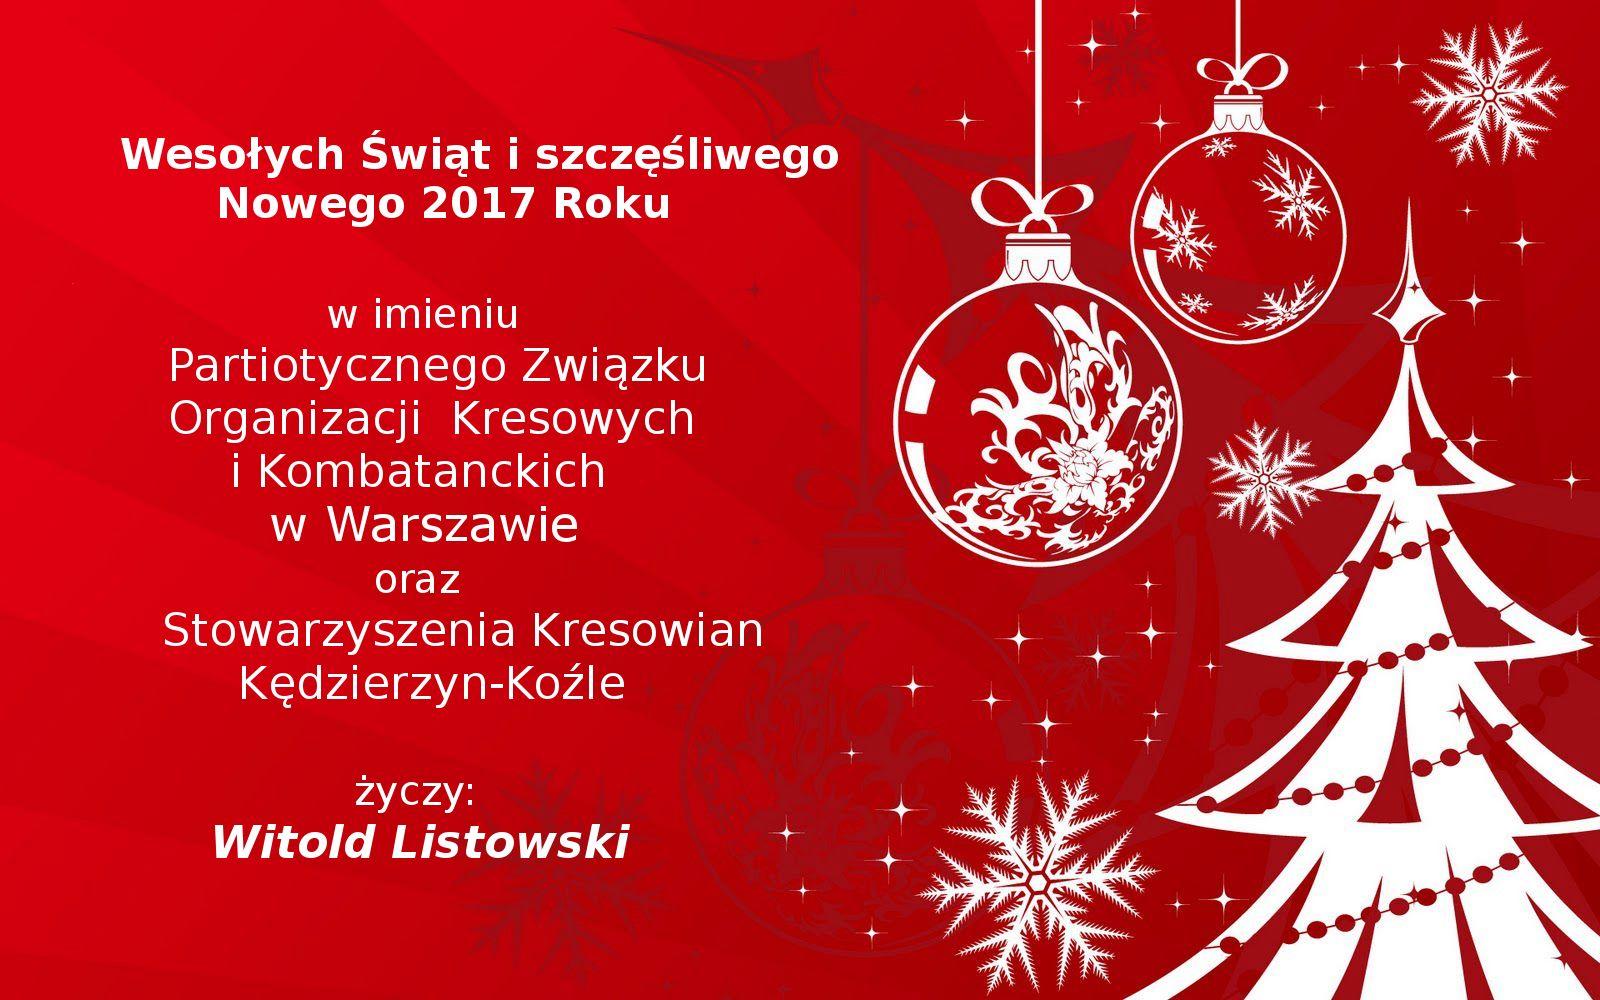 zyczenia-boze-narodzenie-2016r